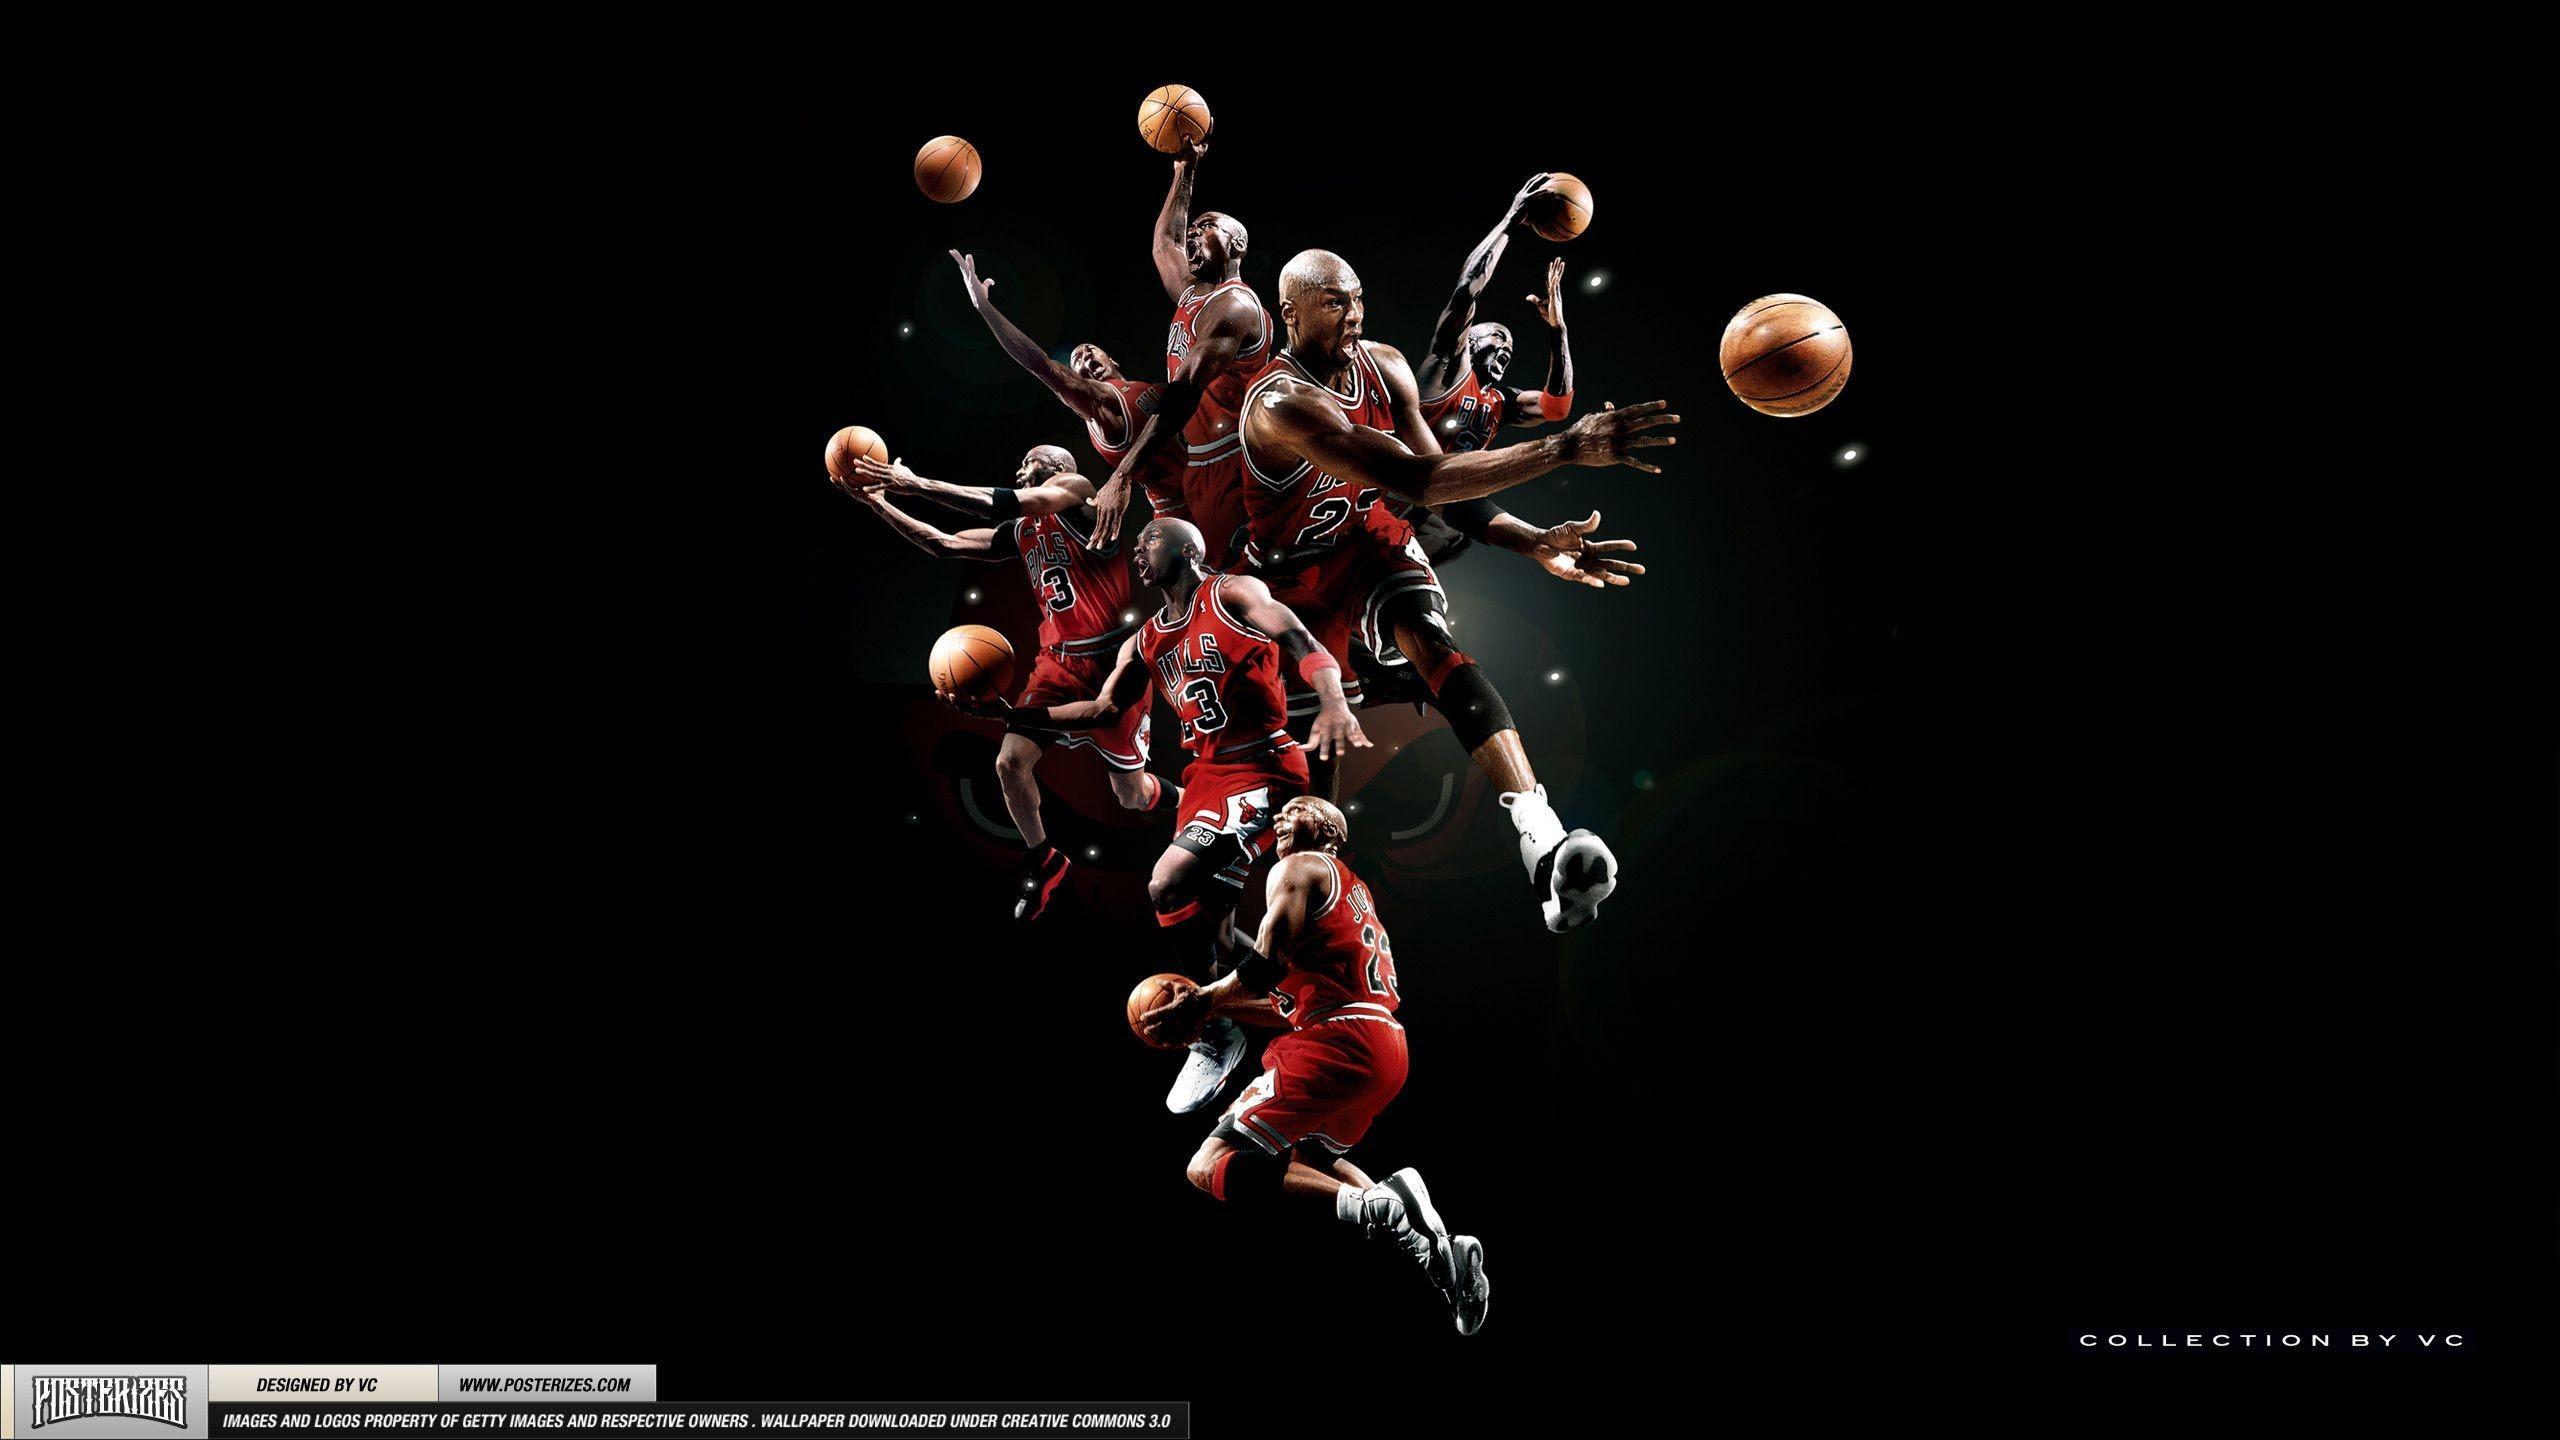 Jordan Iphone Wallpaper Hd 74 Images